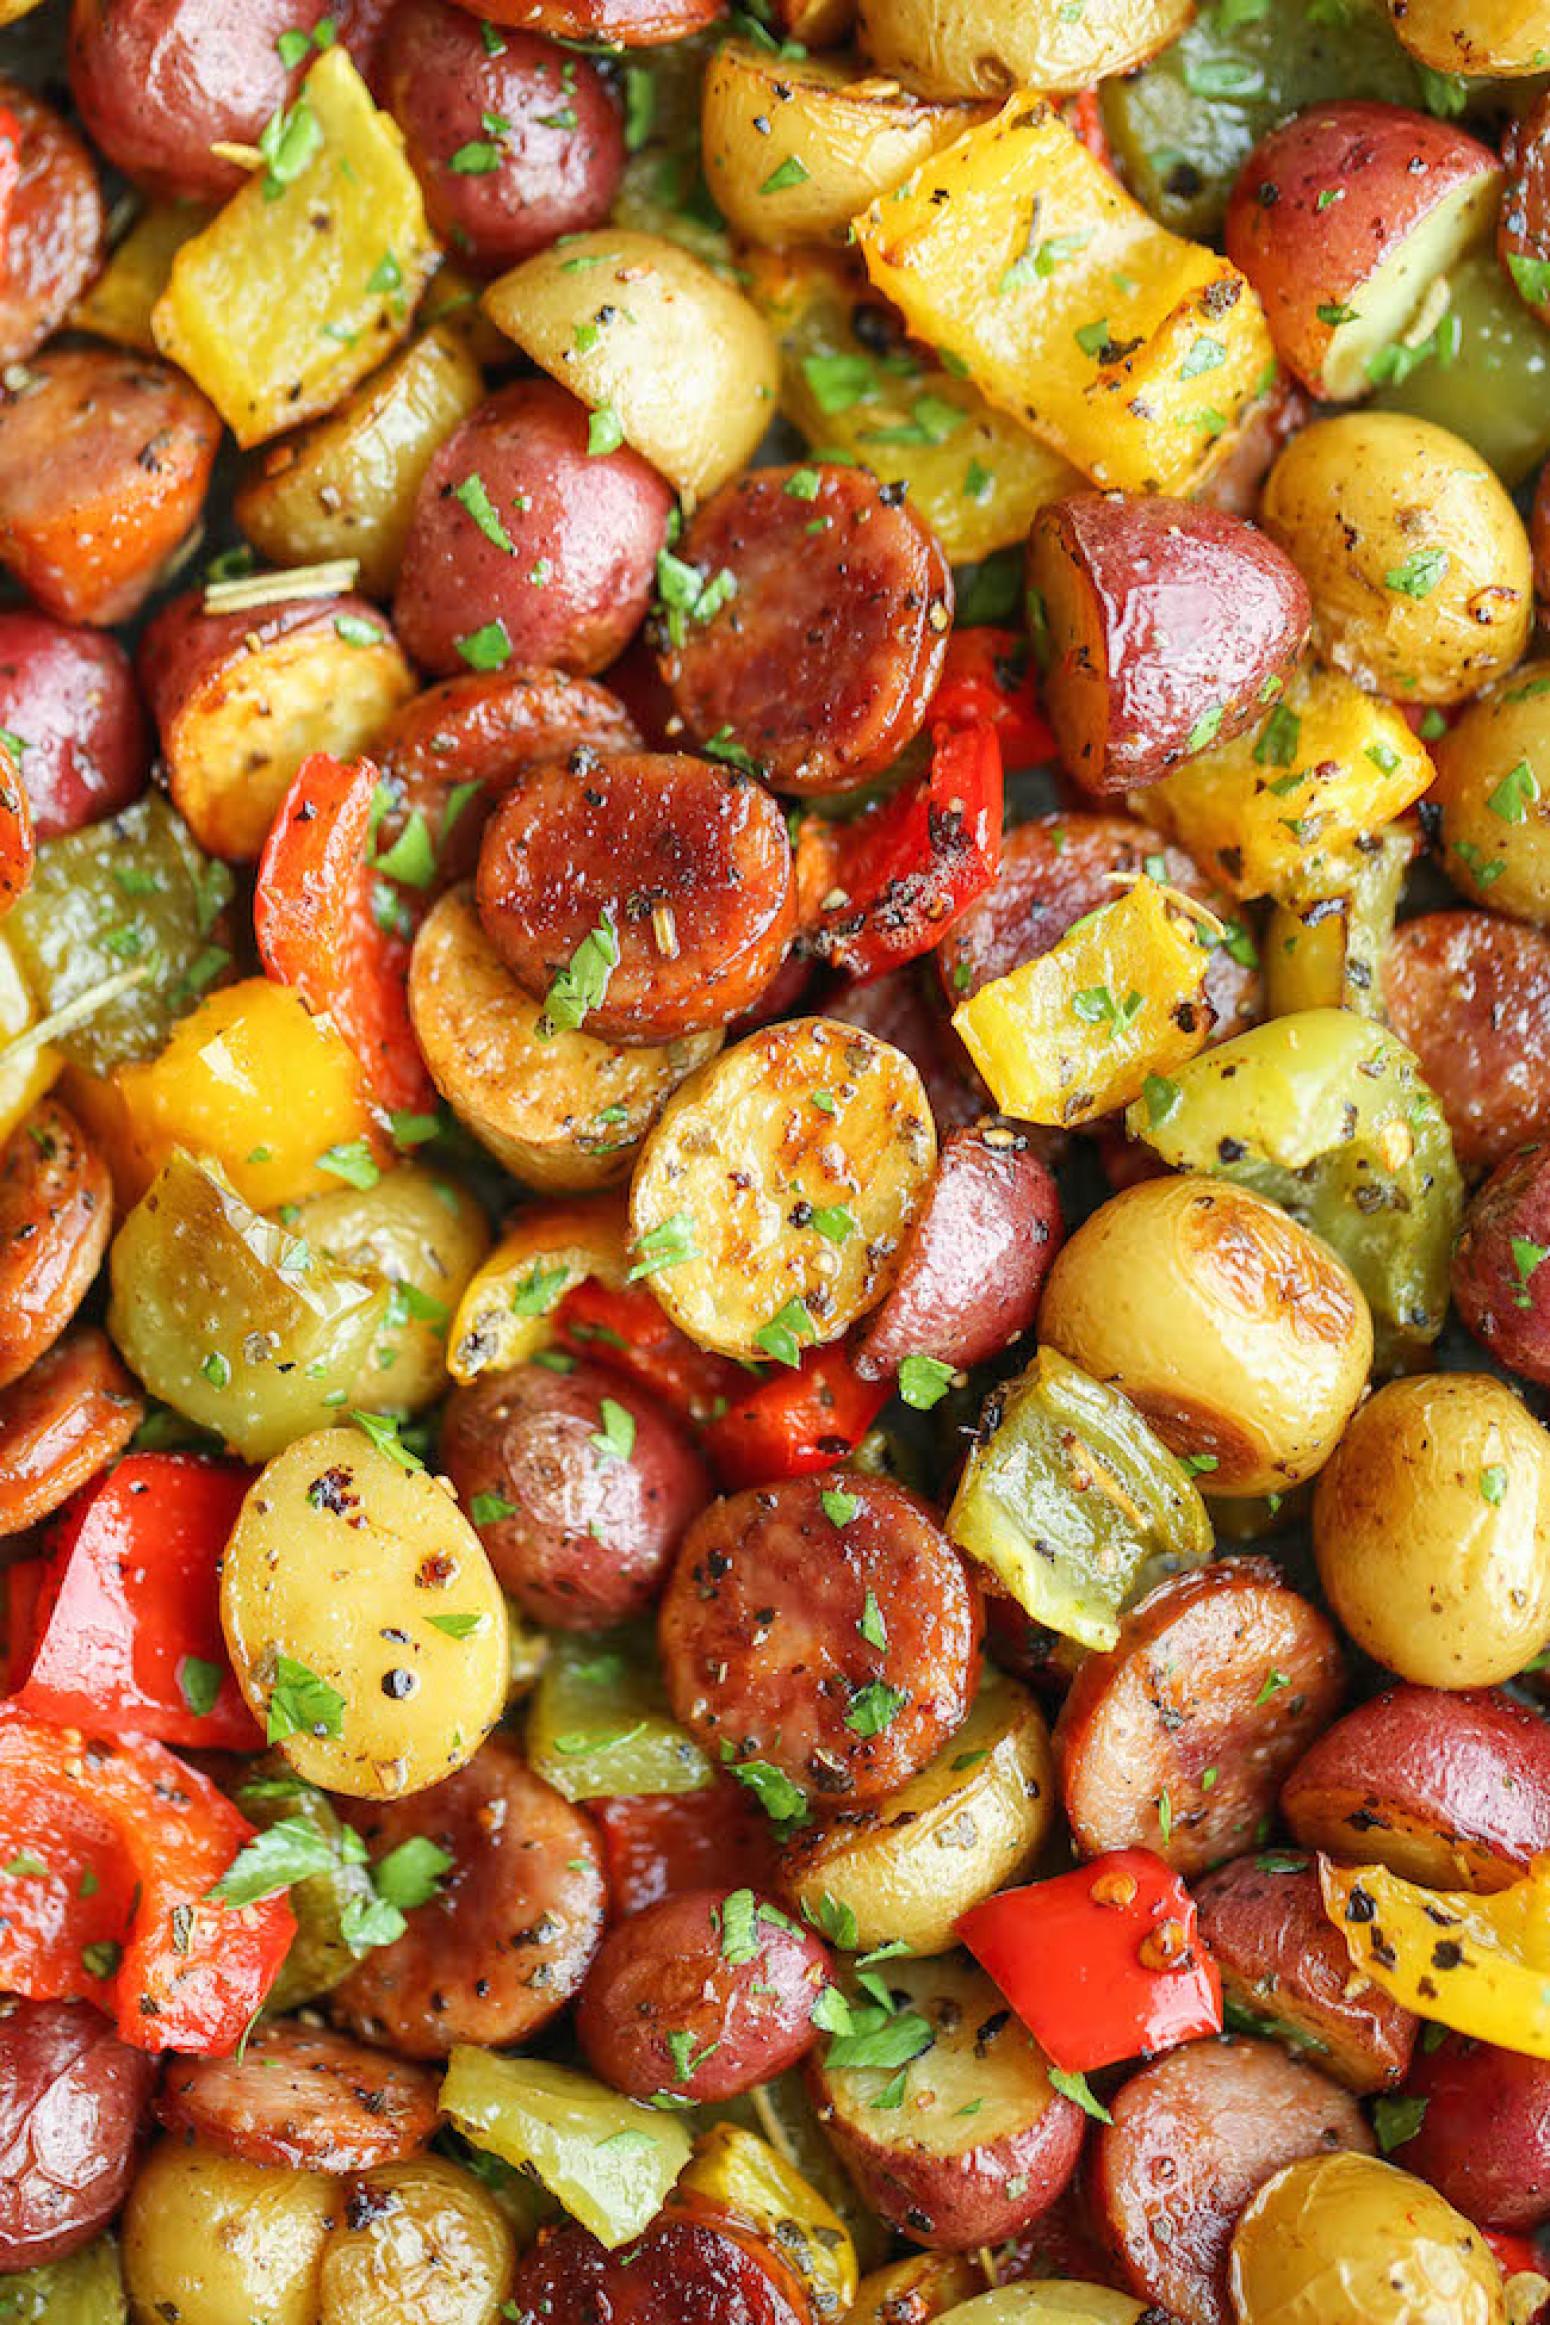 Potatoes Recipe For Breakfast  Easy Breakfast Potatoes Recipe 2